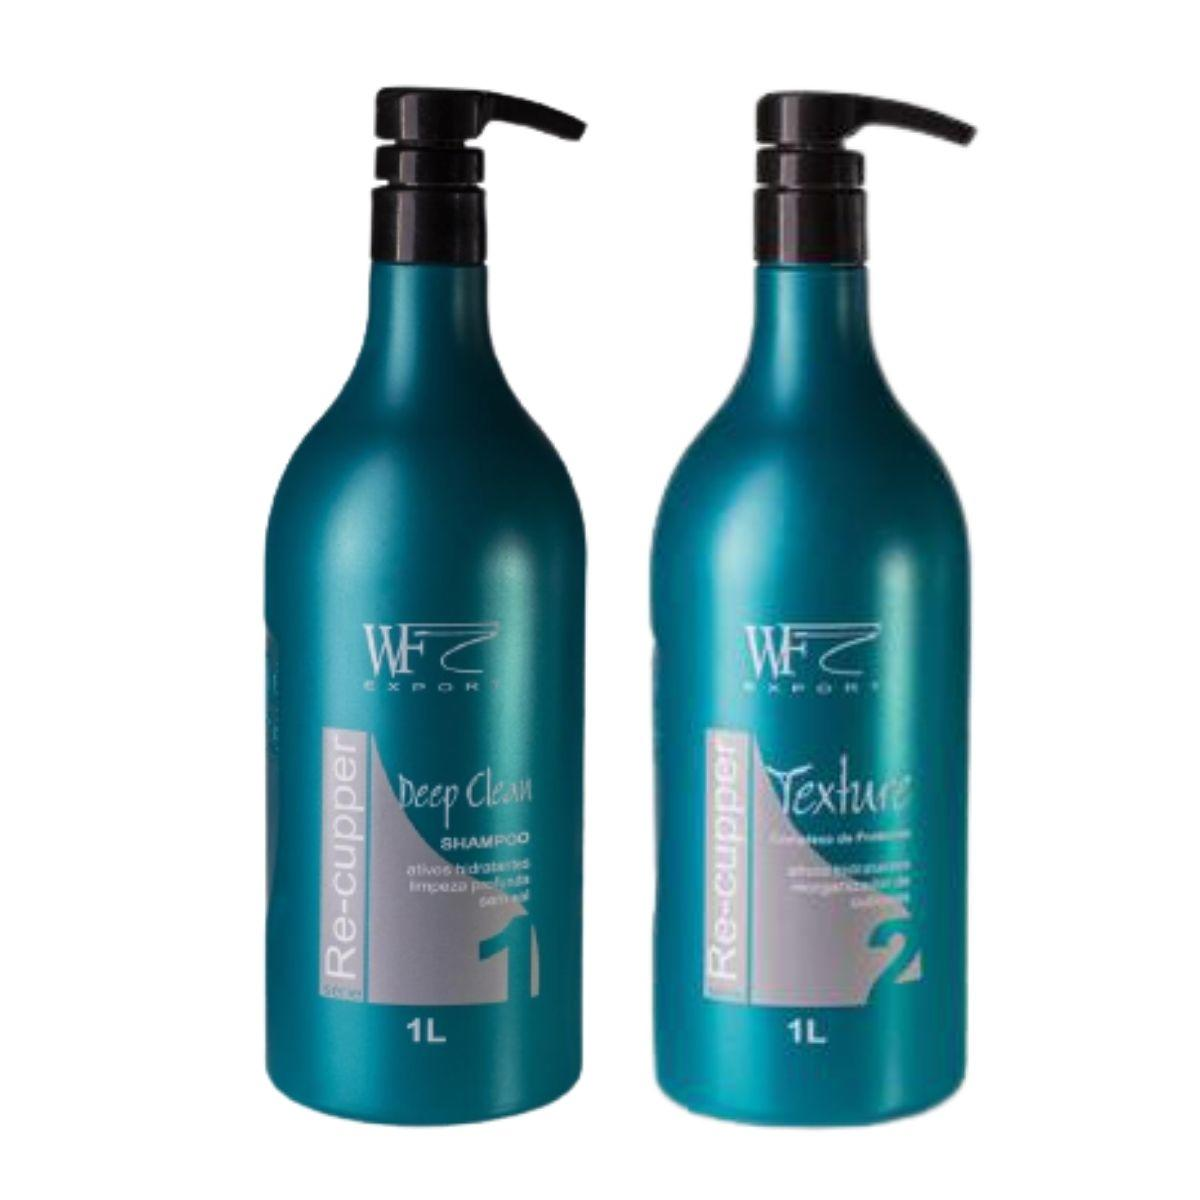 Kit Wf Cosméticos Re-cupper Duo Professional (2 Produtos)